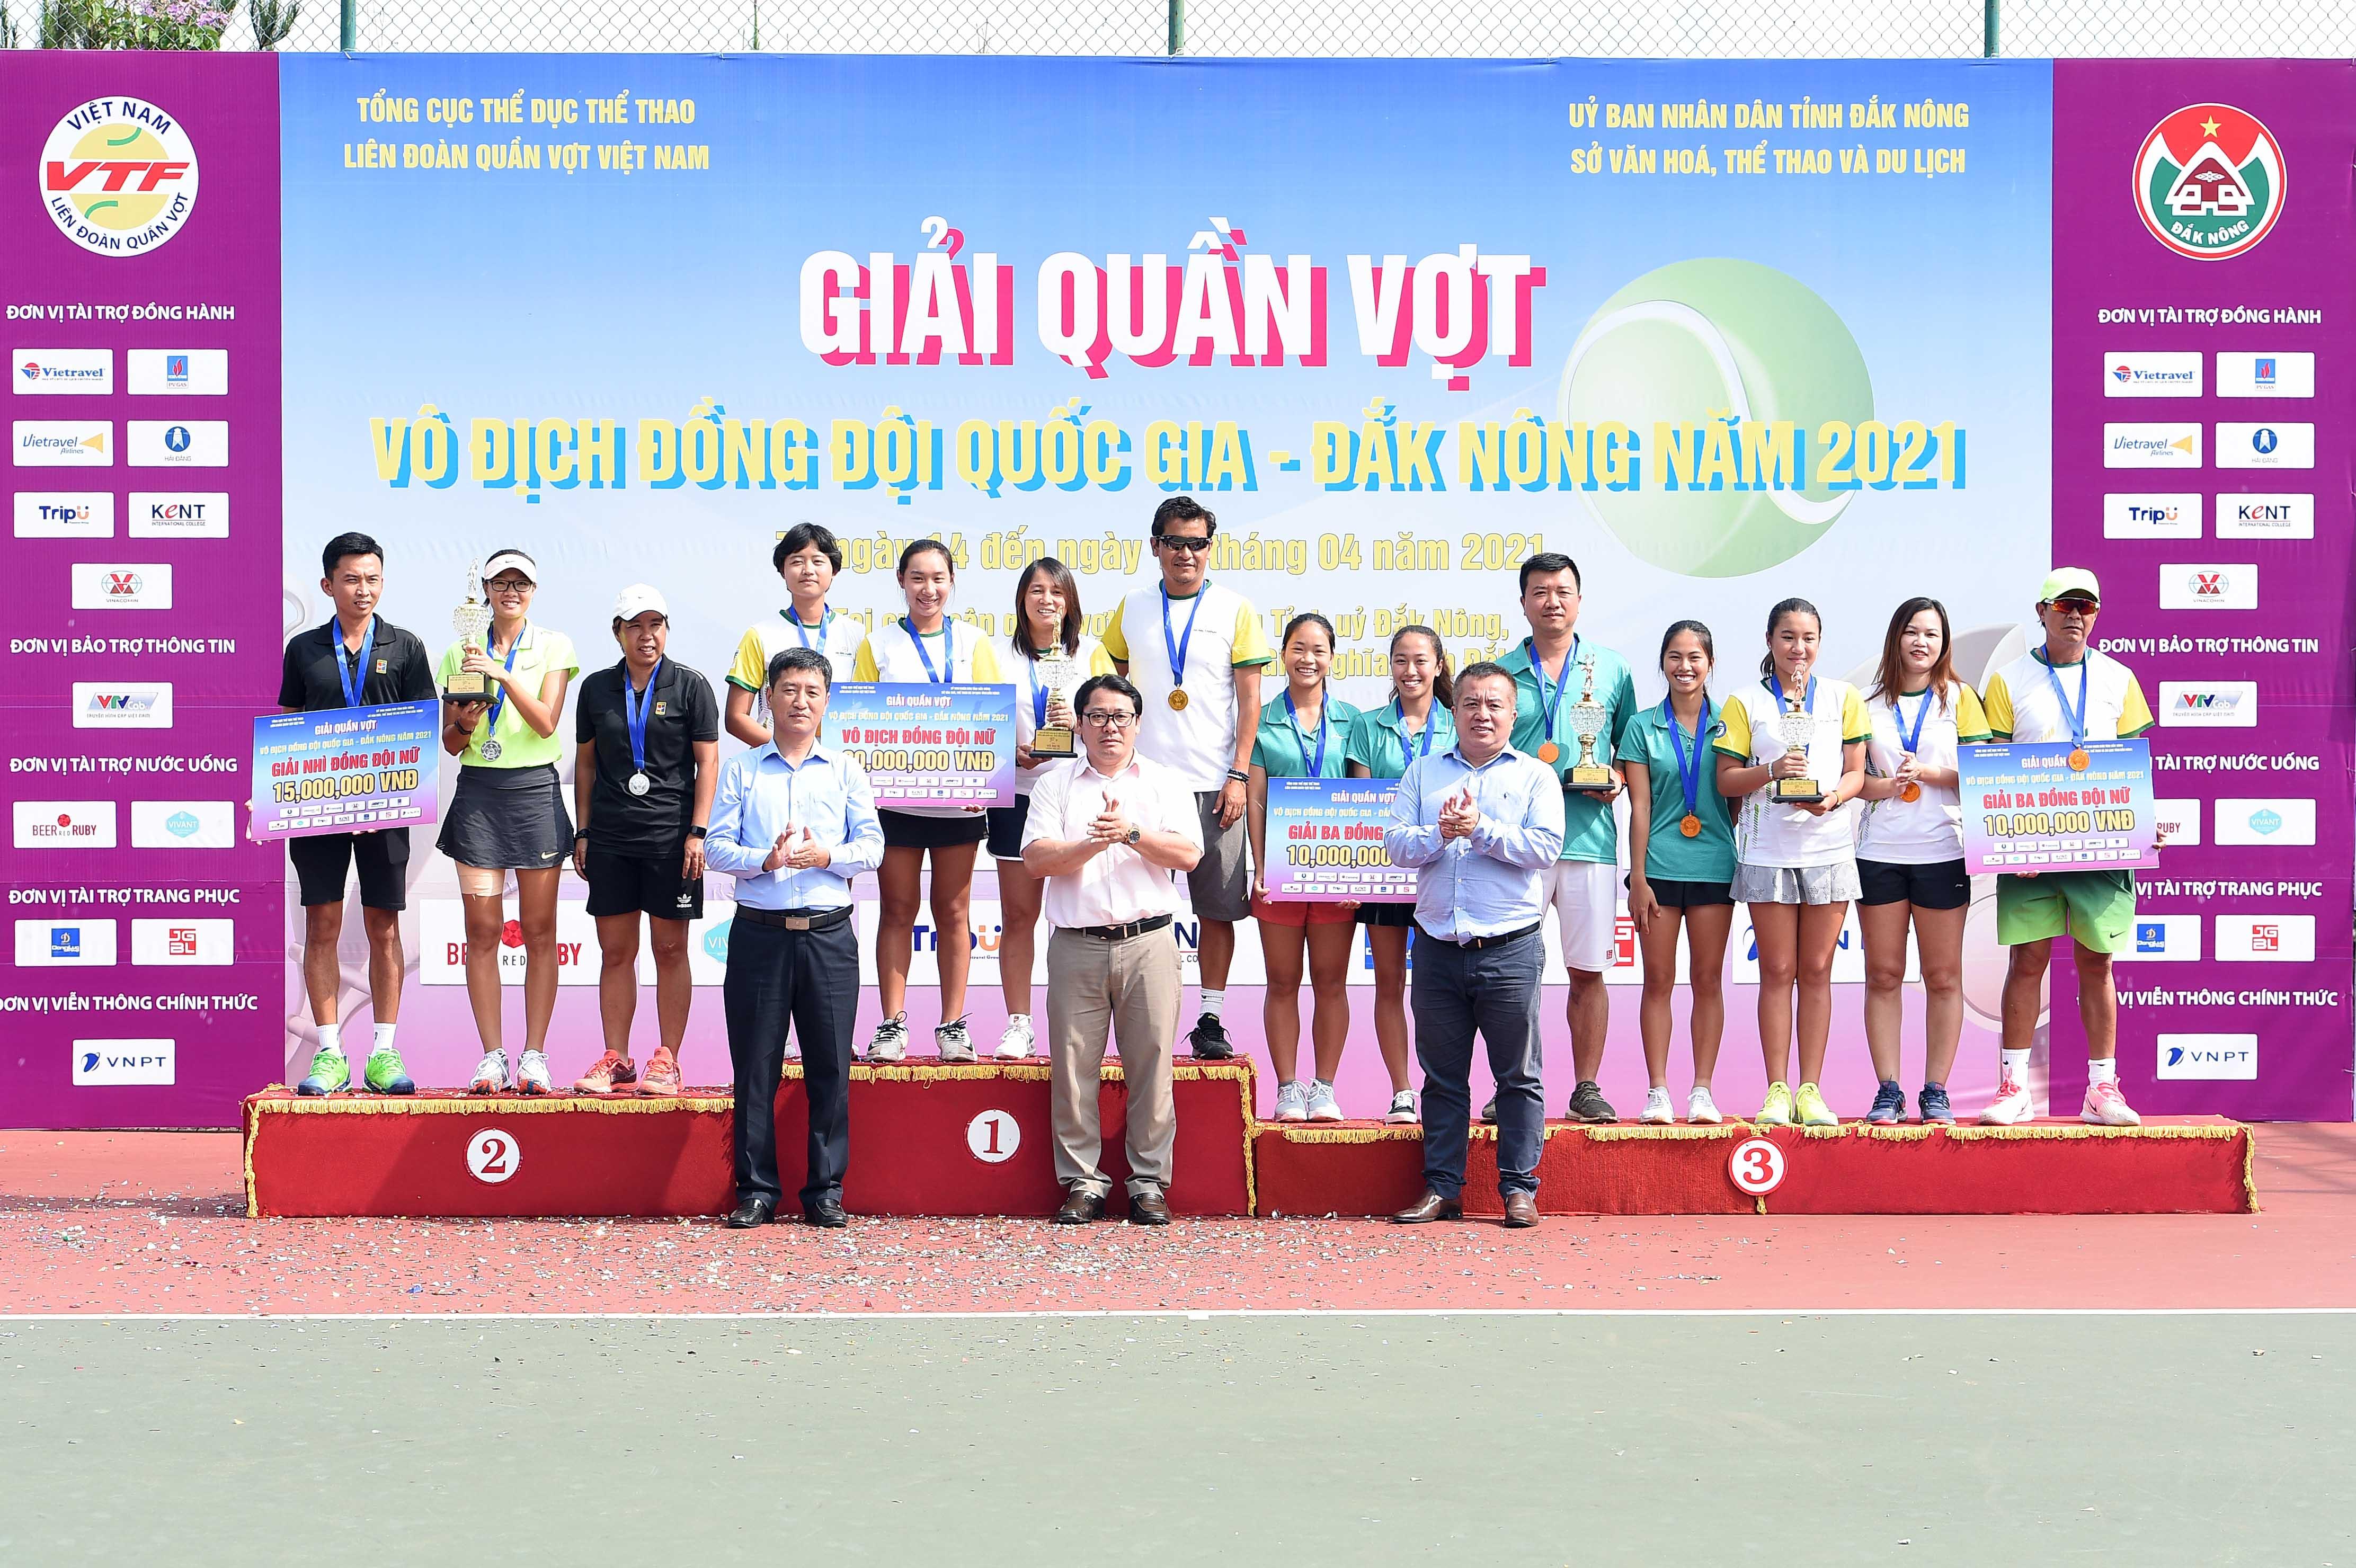 Hình ảnh: Giải quần vợt vô địch đồng đội Quốc gia 2021 kết thúc thành công tốt đẹp số 6